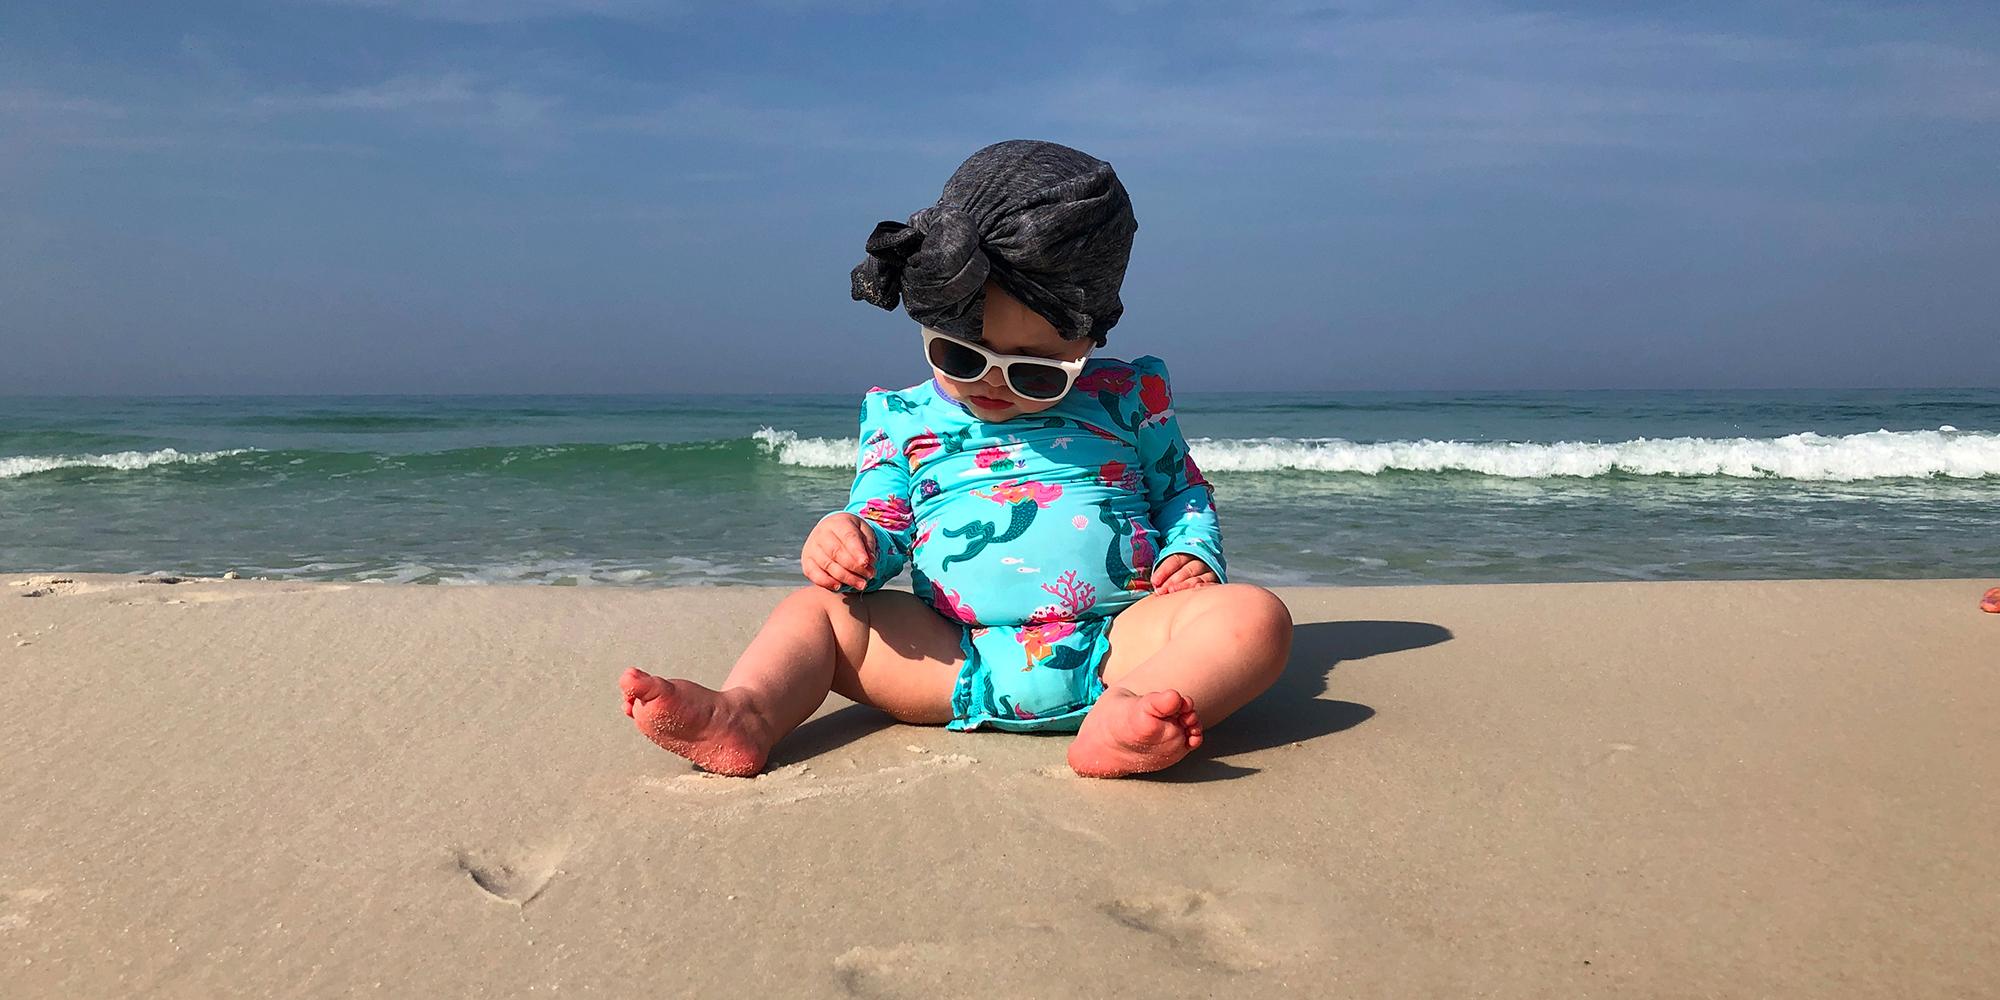 Bébé sur la plage en maillot de bain